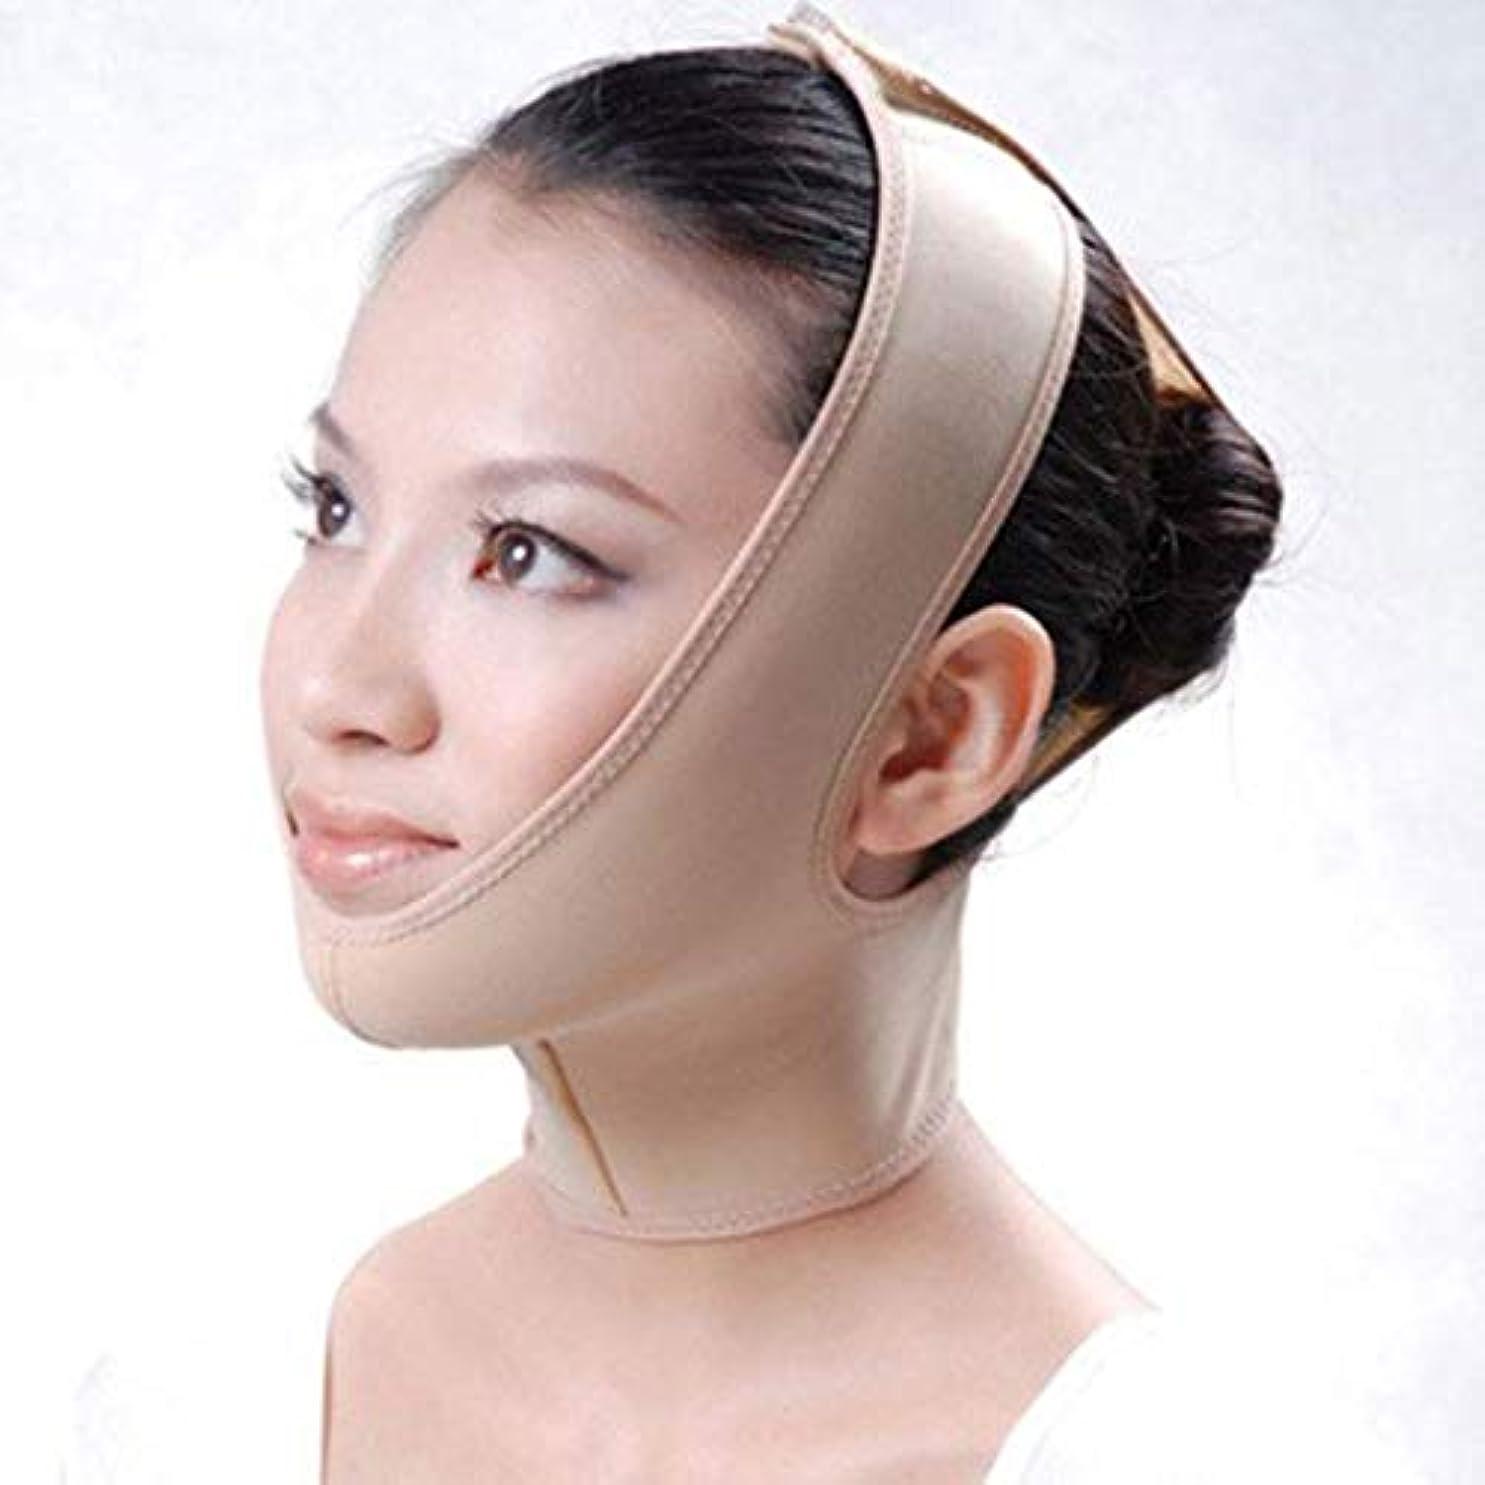 聡明水分ジュニアフェイスリフティングマスク、リフティングフェイス付きVフェイス、ラインリフティング包帯、ほっそりスリム、痩身のあごのマスク/あごの通気性のあご (XL)